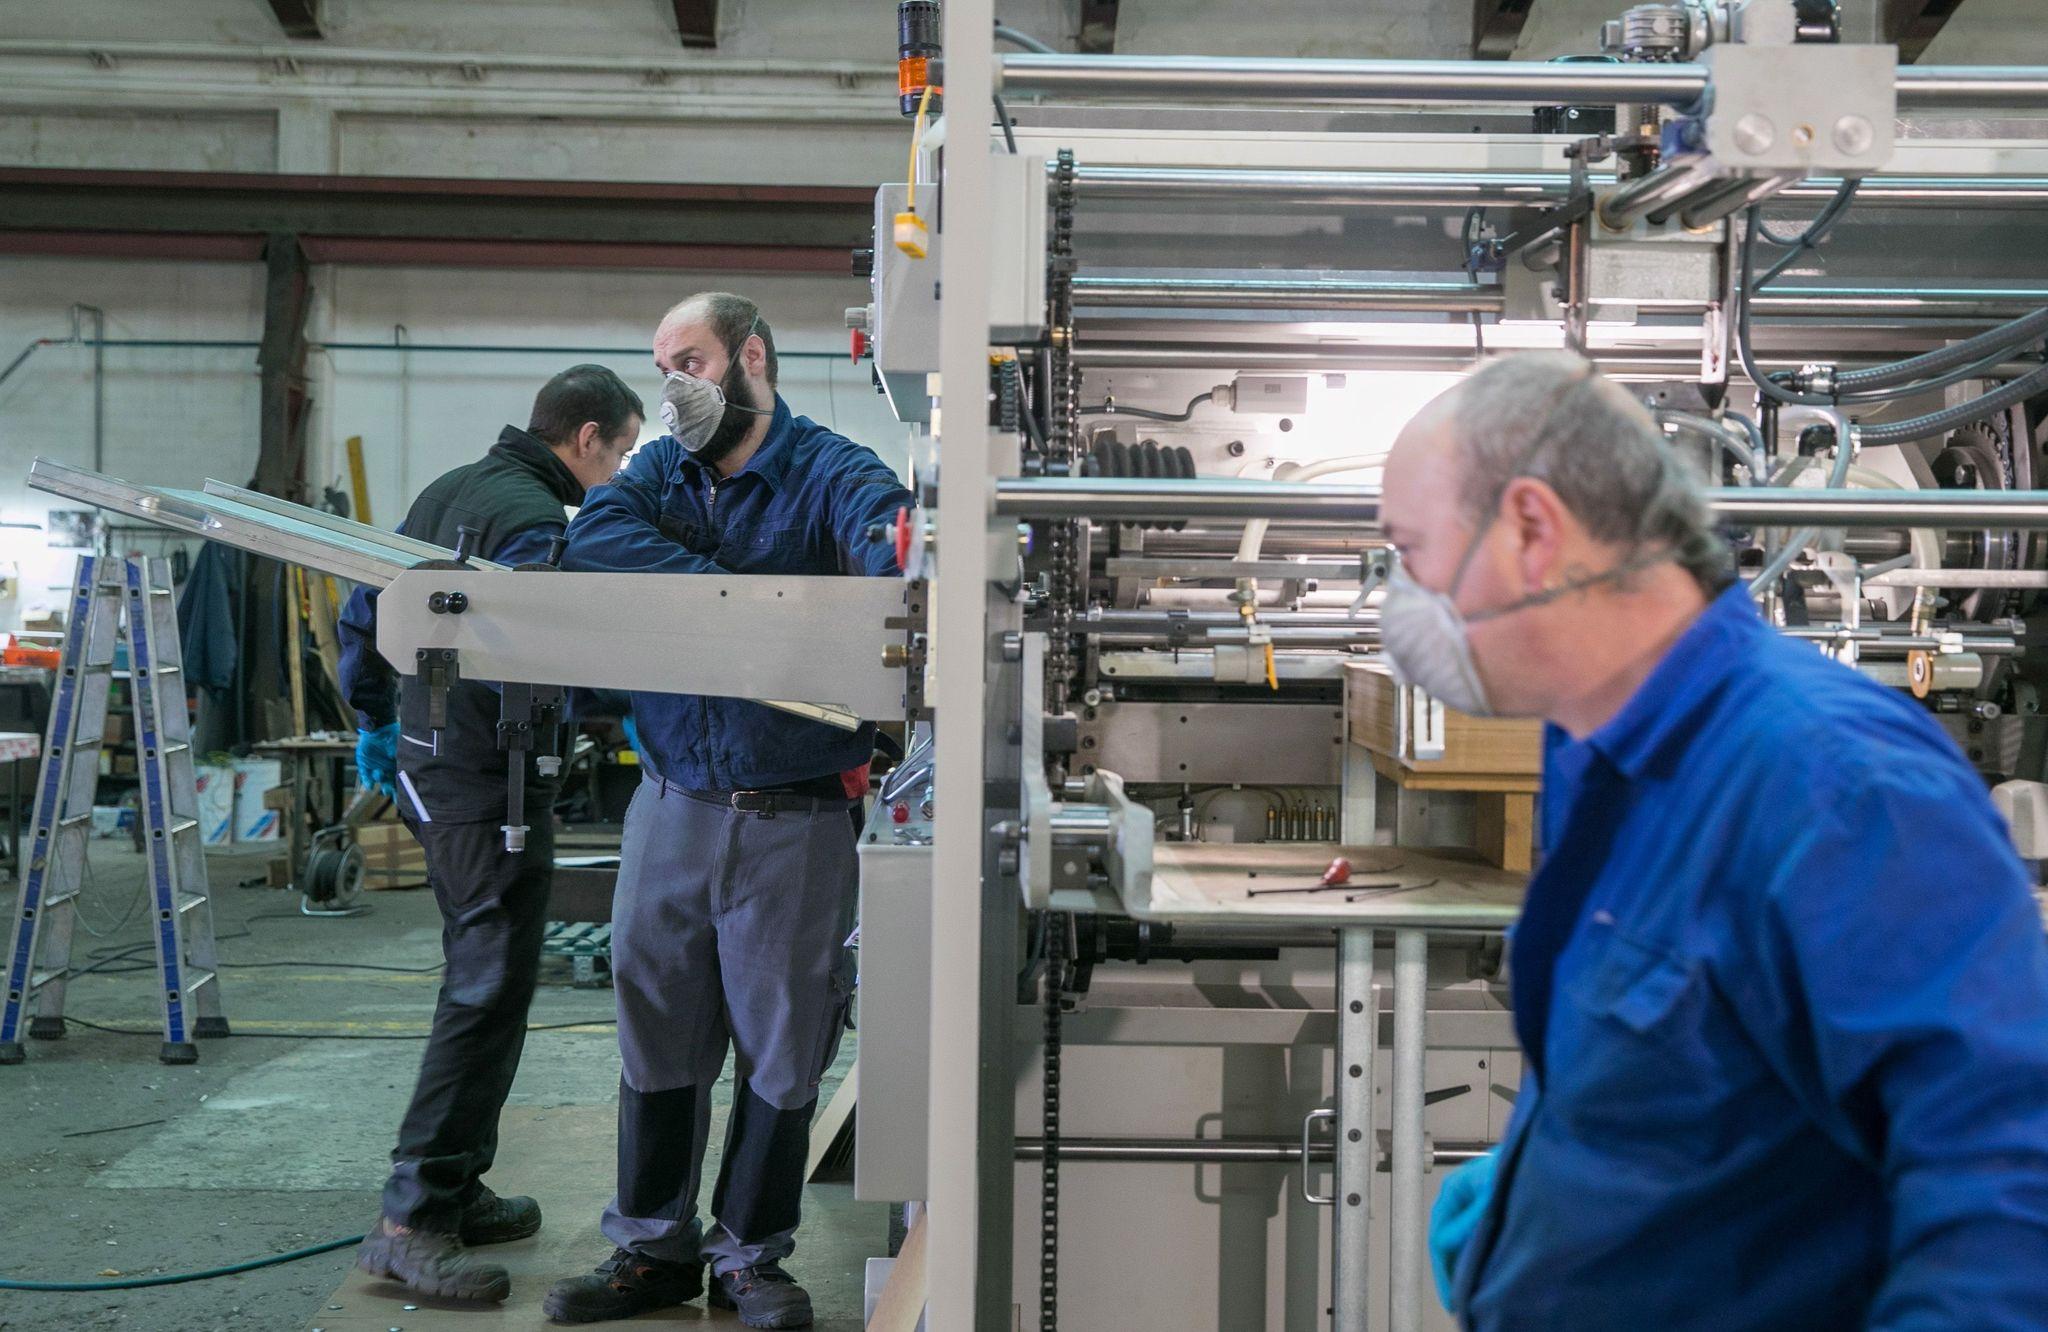 Cientos de miles de trabajadores ya se han reincorporan a sus puestos, en medio del debate sobre las medidas de seguridad en los centros de trabajo.